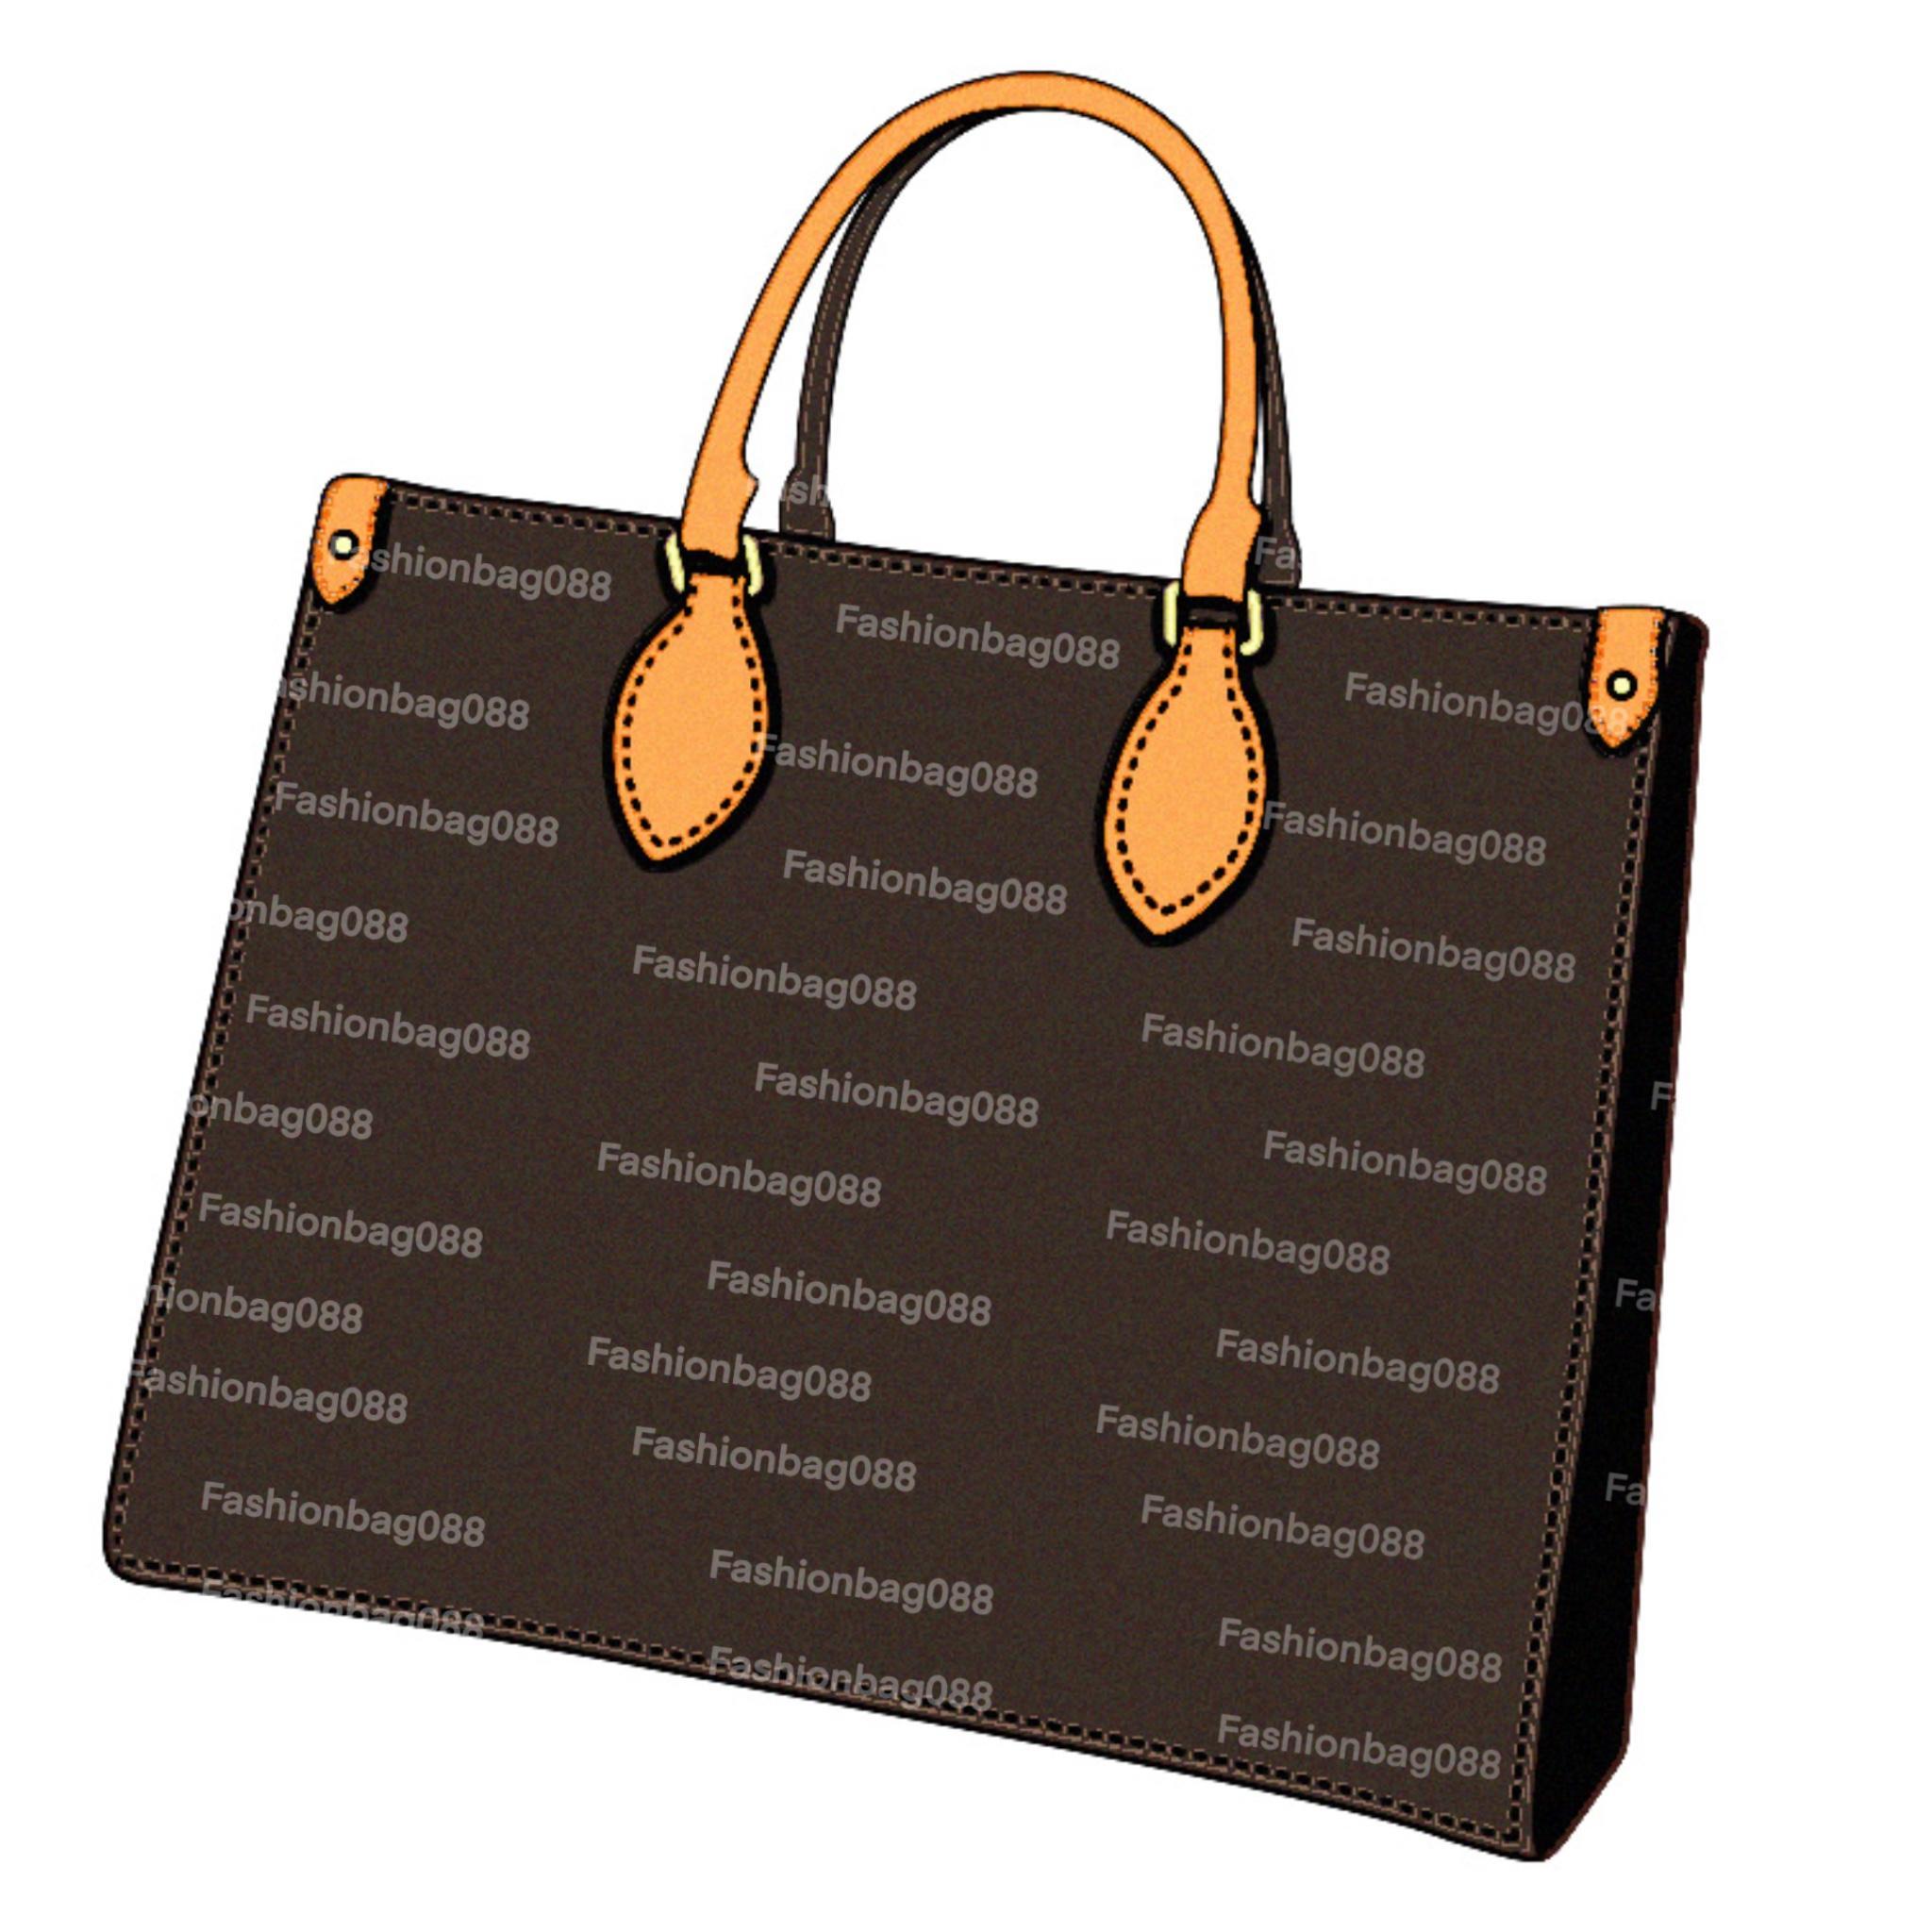 2021 حقيبة أزياء حقيبة يد نمط الكلاسيكية نمط البني الأسود زهرة كبيرة حمل متعددة الوظائف